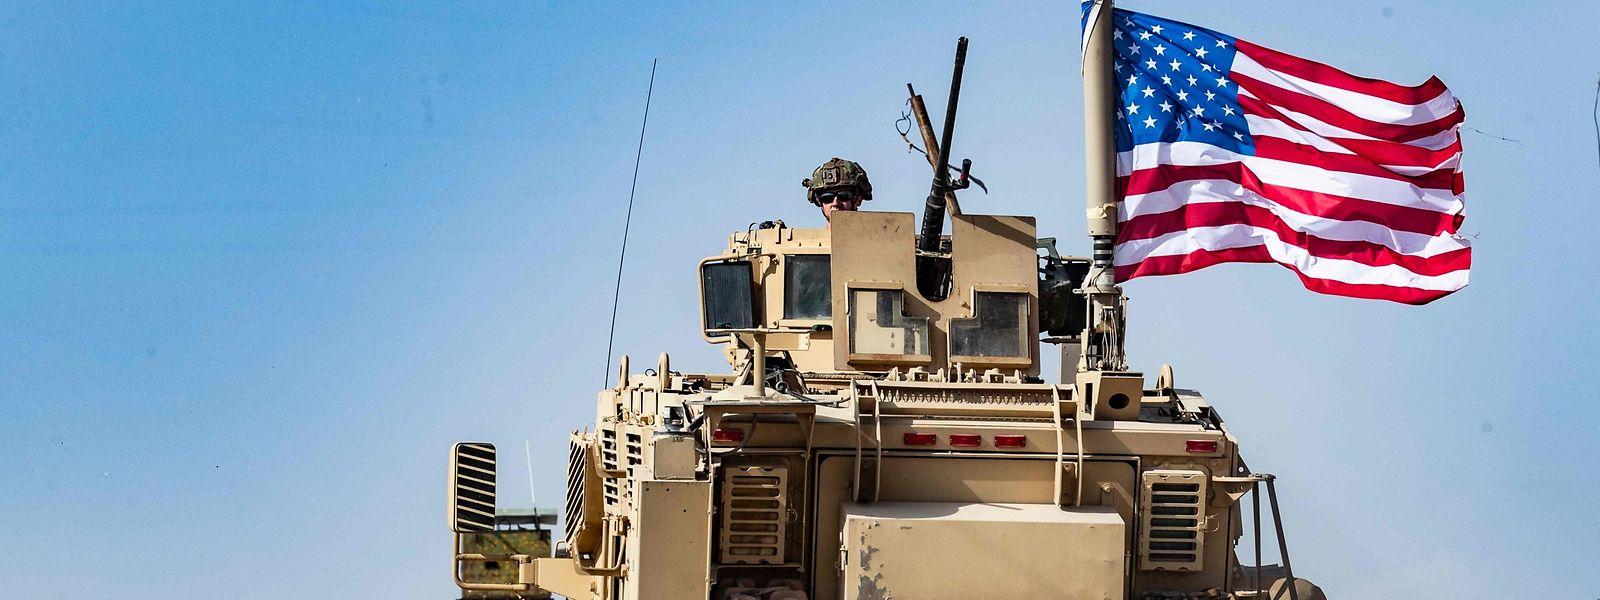 Alle US-Truppen in Nordsyrien wurden aufgefordert, das Land angesichts der Angriffe der Türkei auf die Kurden in der Region zu verlassen.